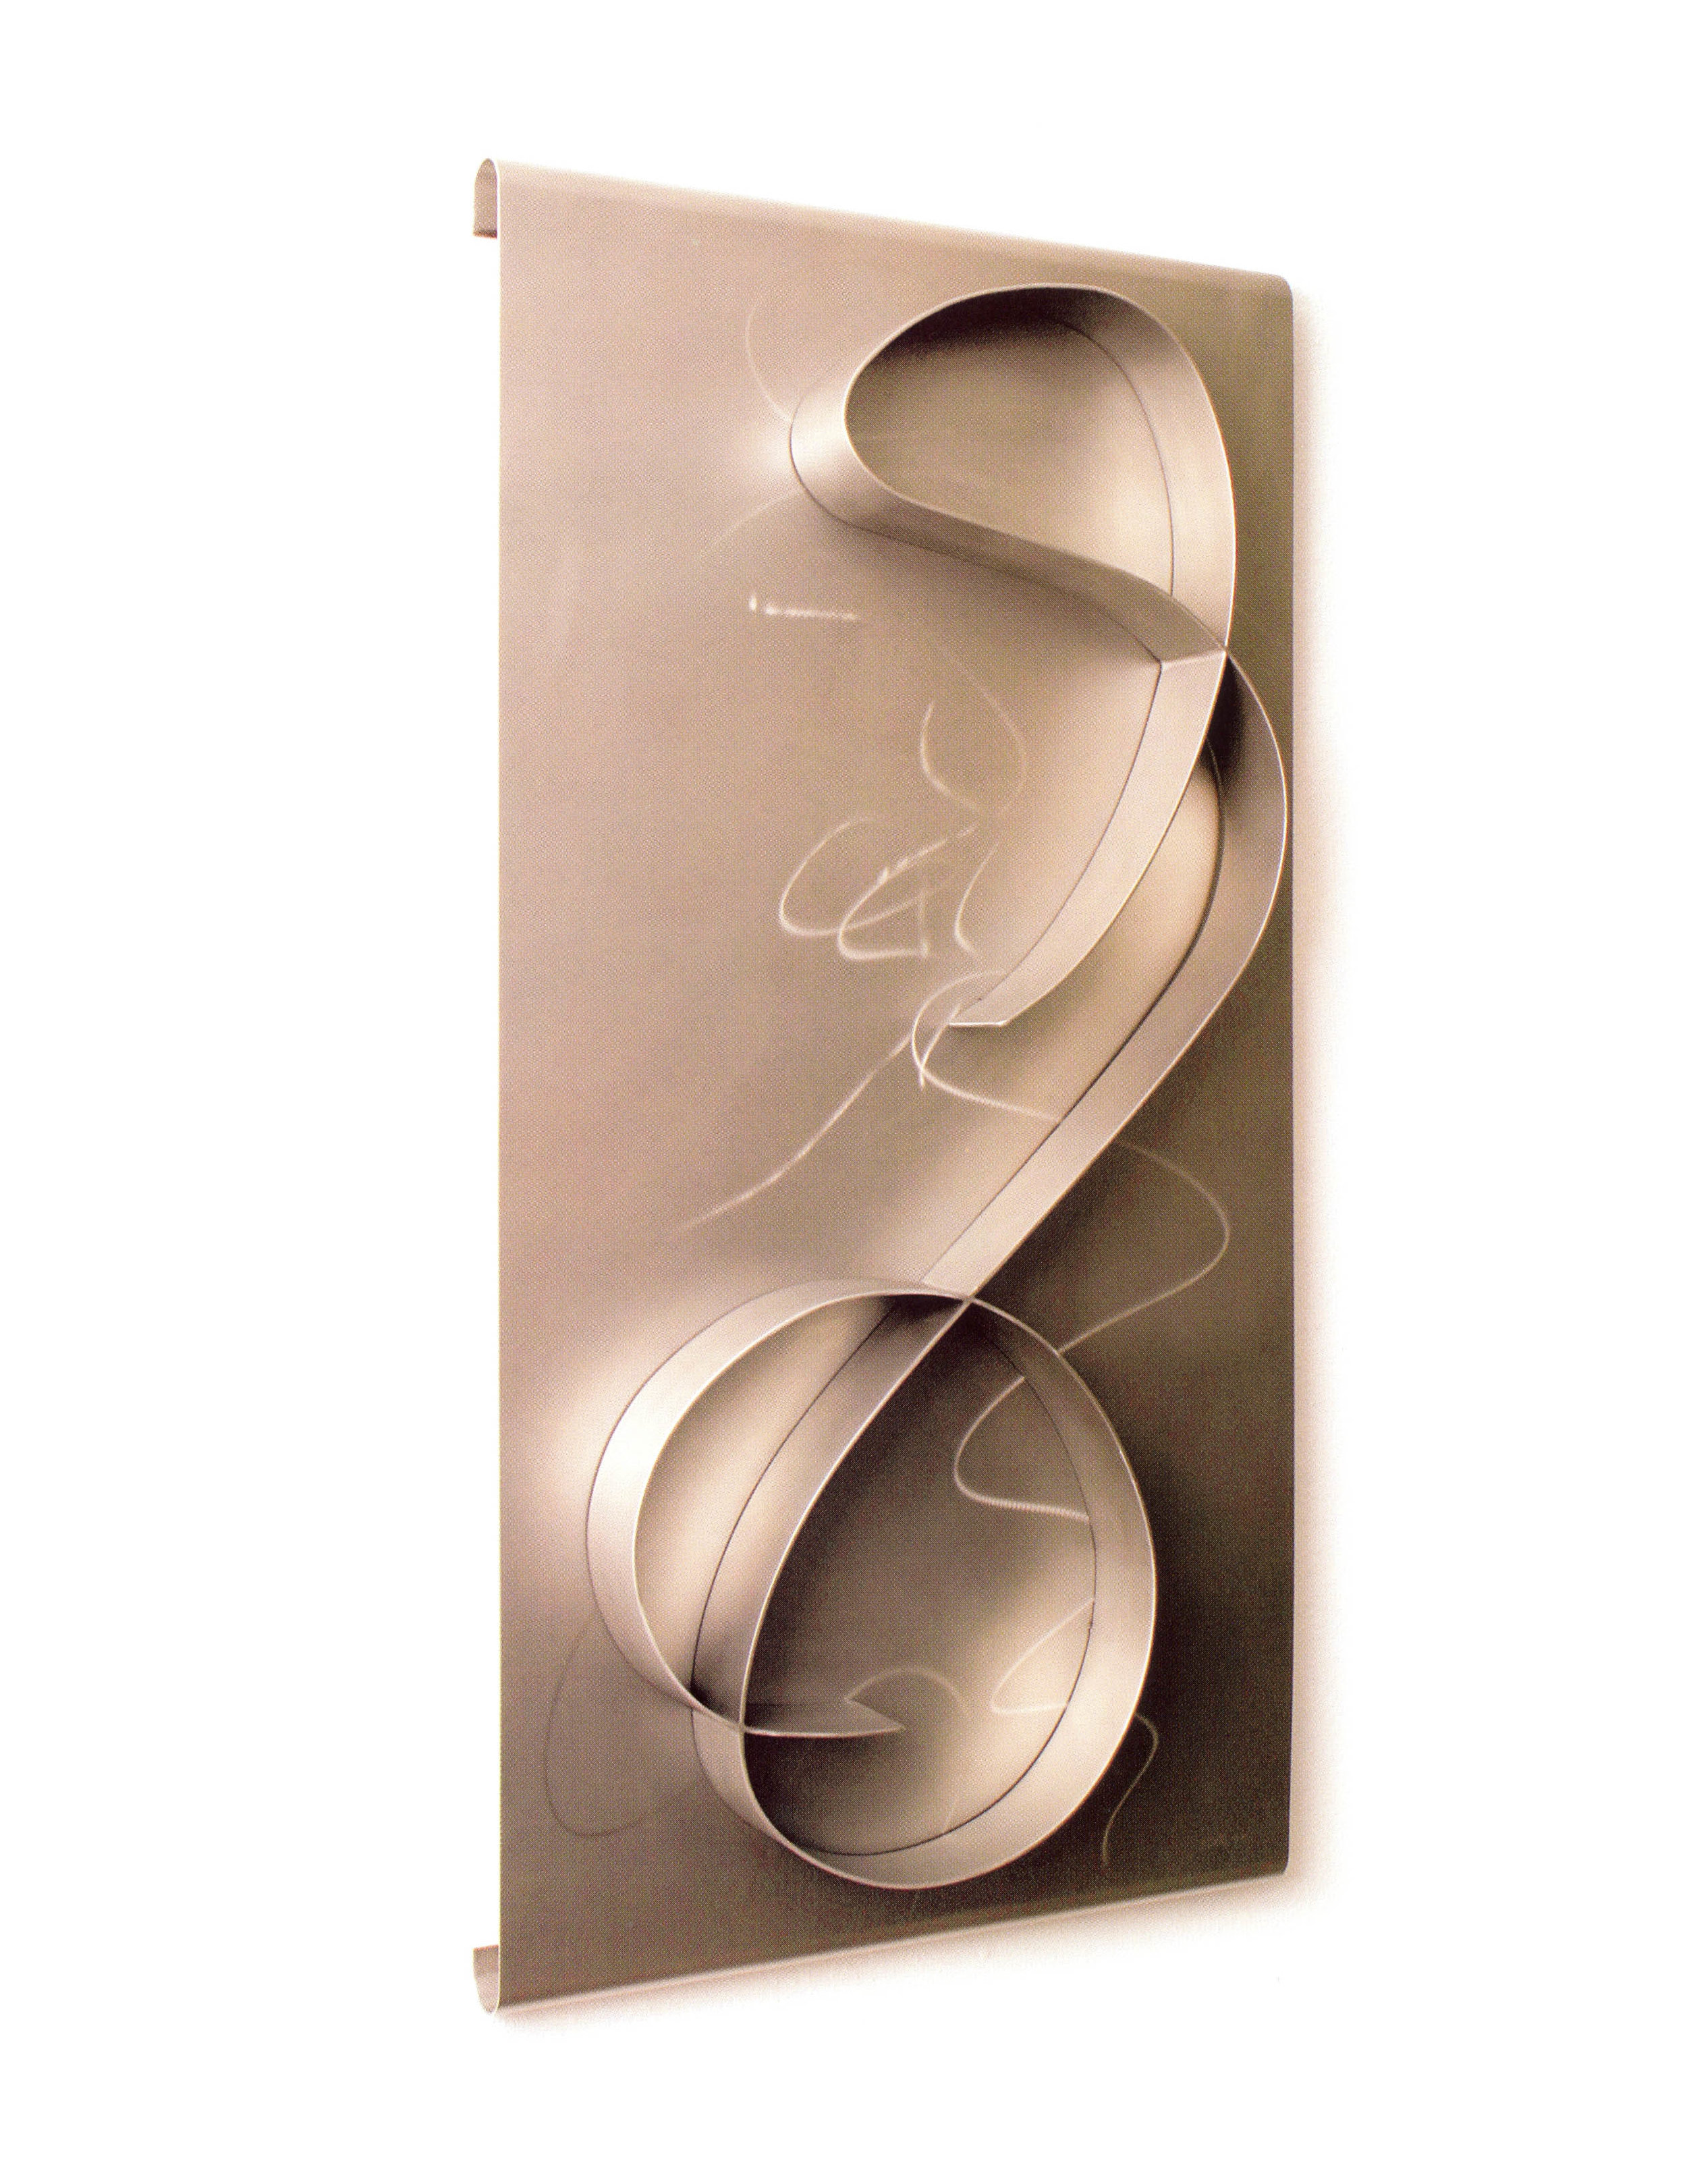 Rita Blitt   Juliet  , Stainless Steel, 41'' x 21'' x 1.5'', 2003